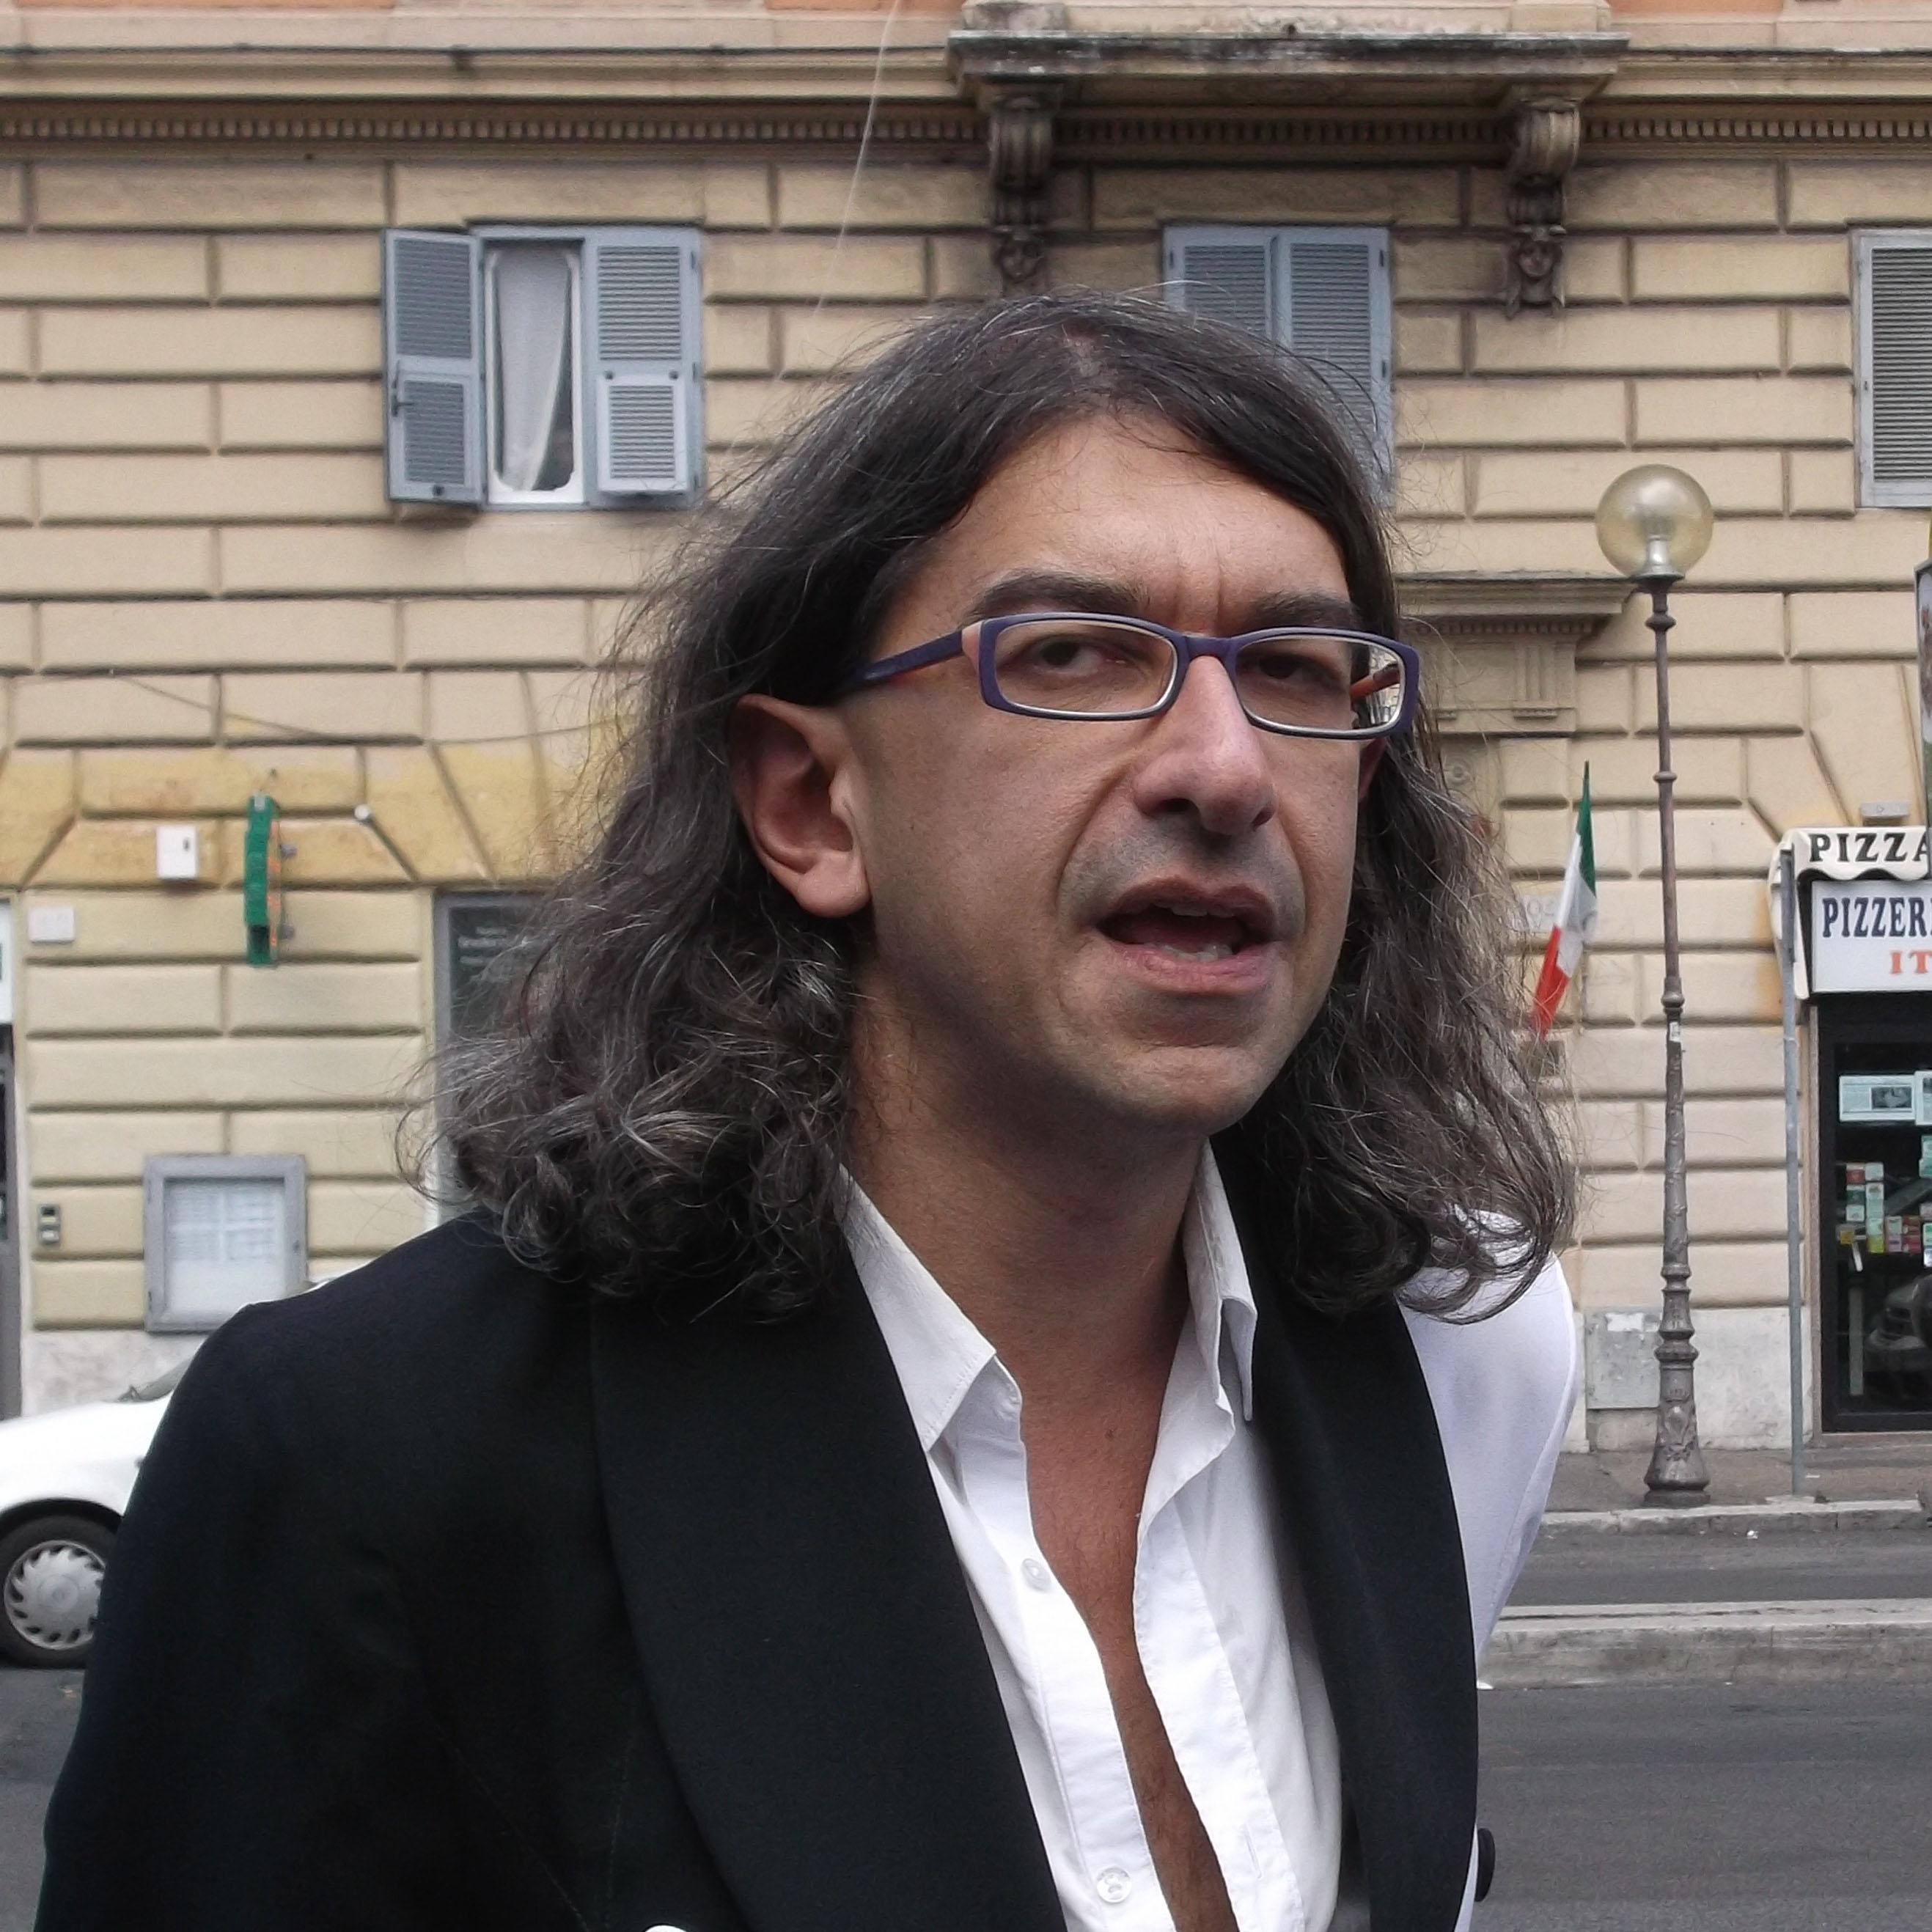 Gabriele Paolini ügyvéd az óvszerpróféta